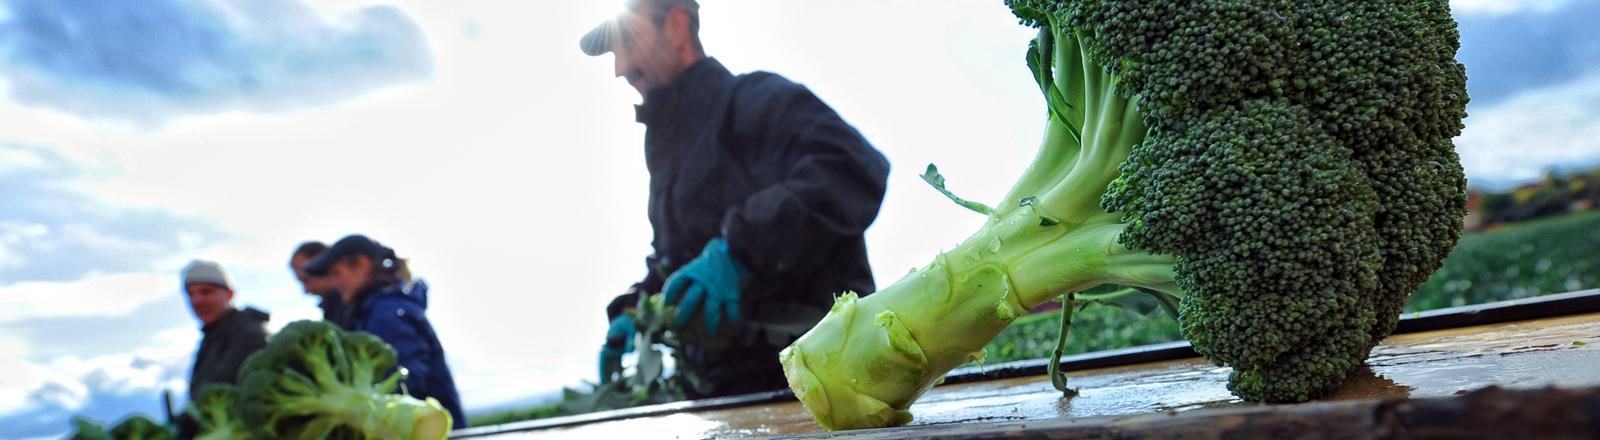 Saisonarbeiter ernten am Dienstag (19.10.2010) Broccoli auf einem Feld bei Ronnenberg (Region Hannover).